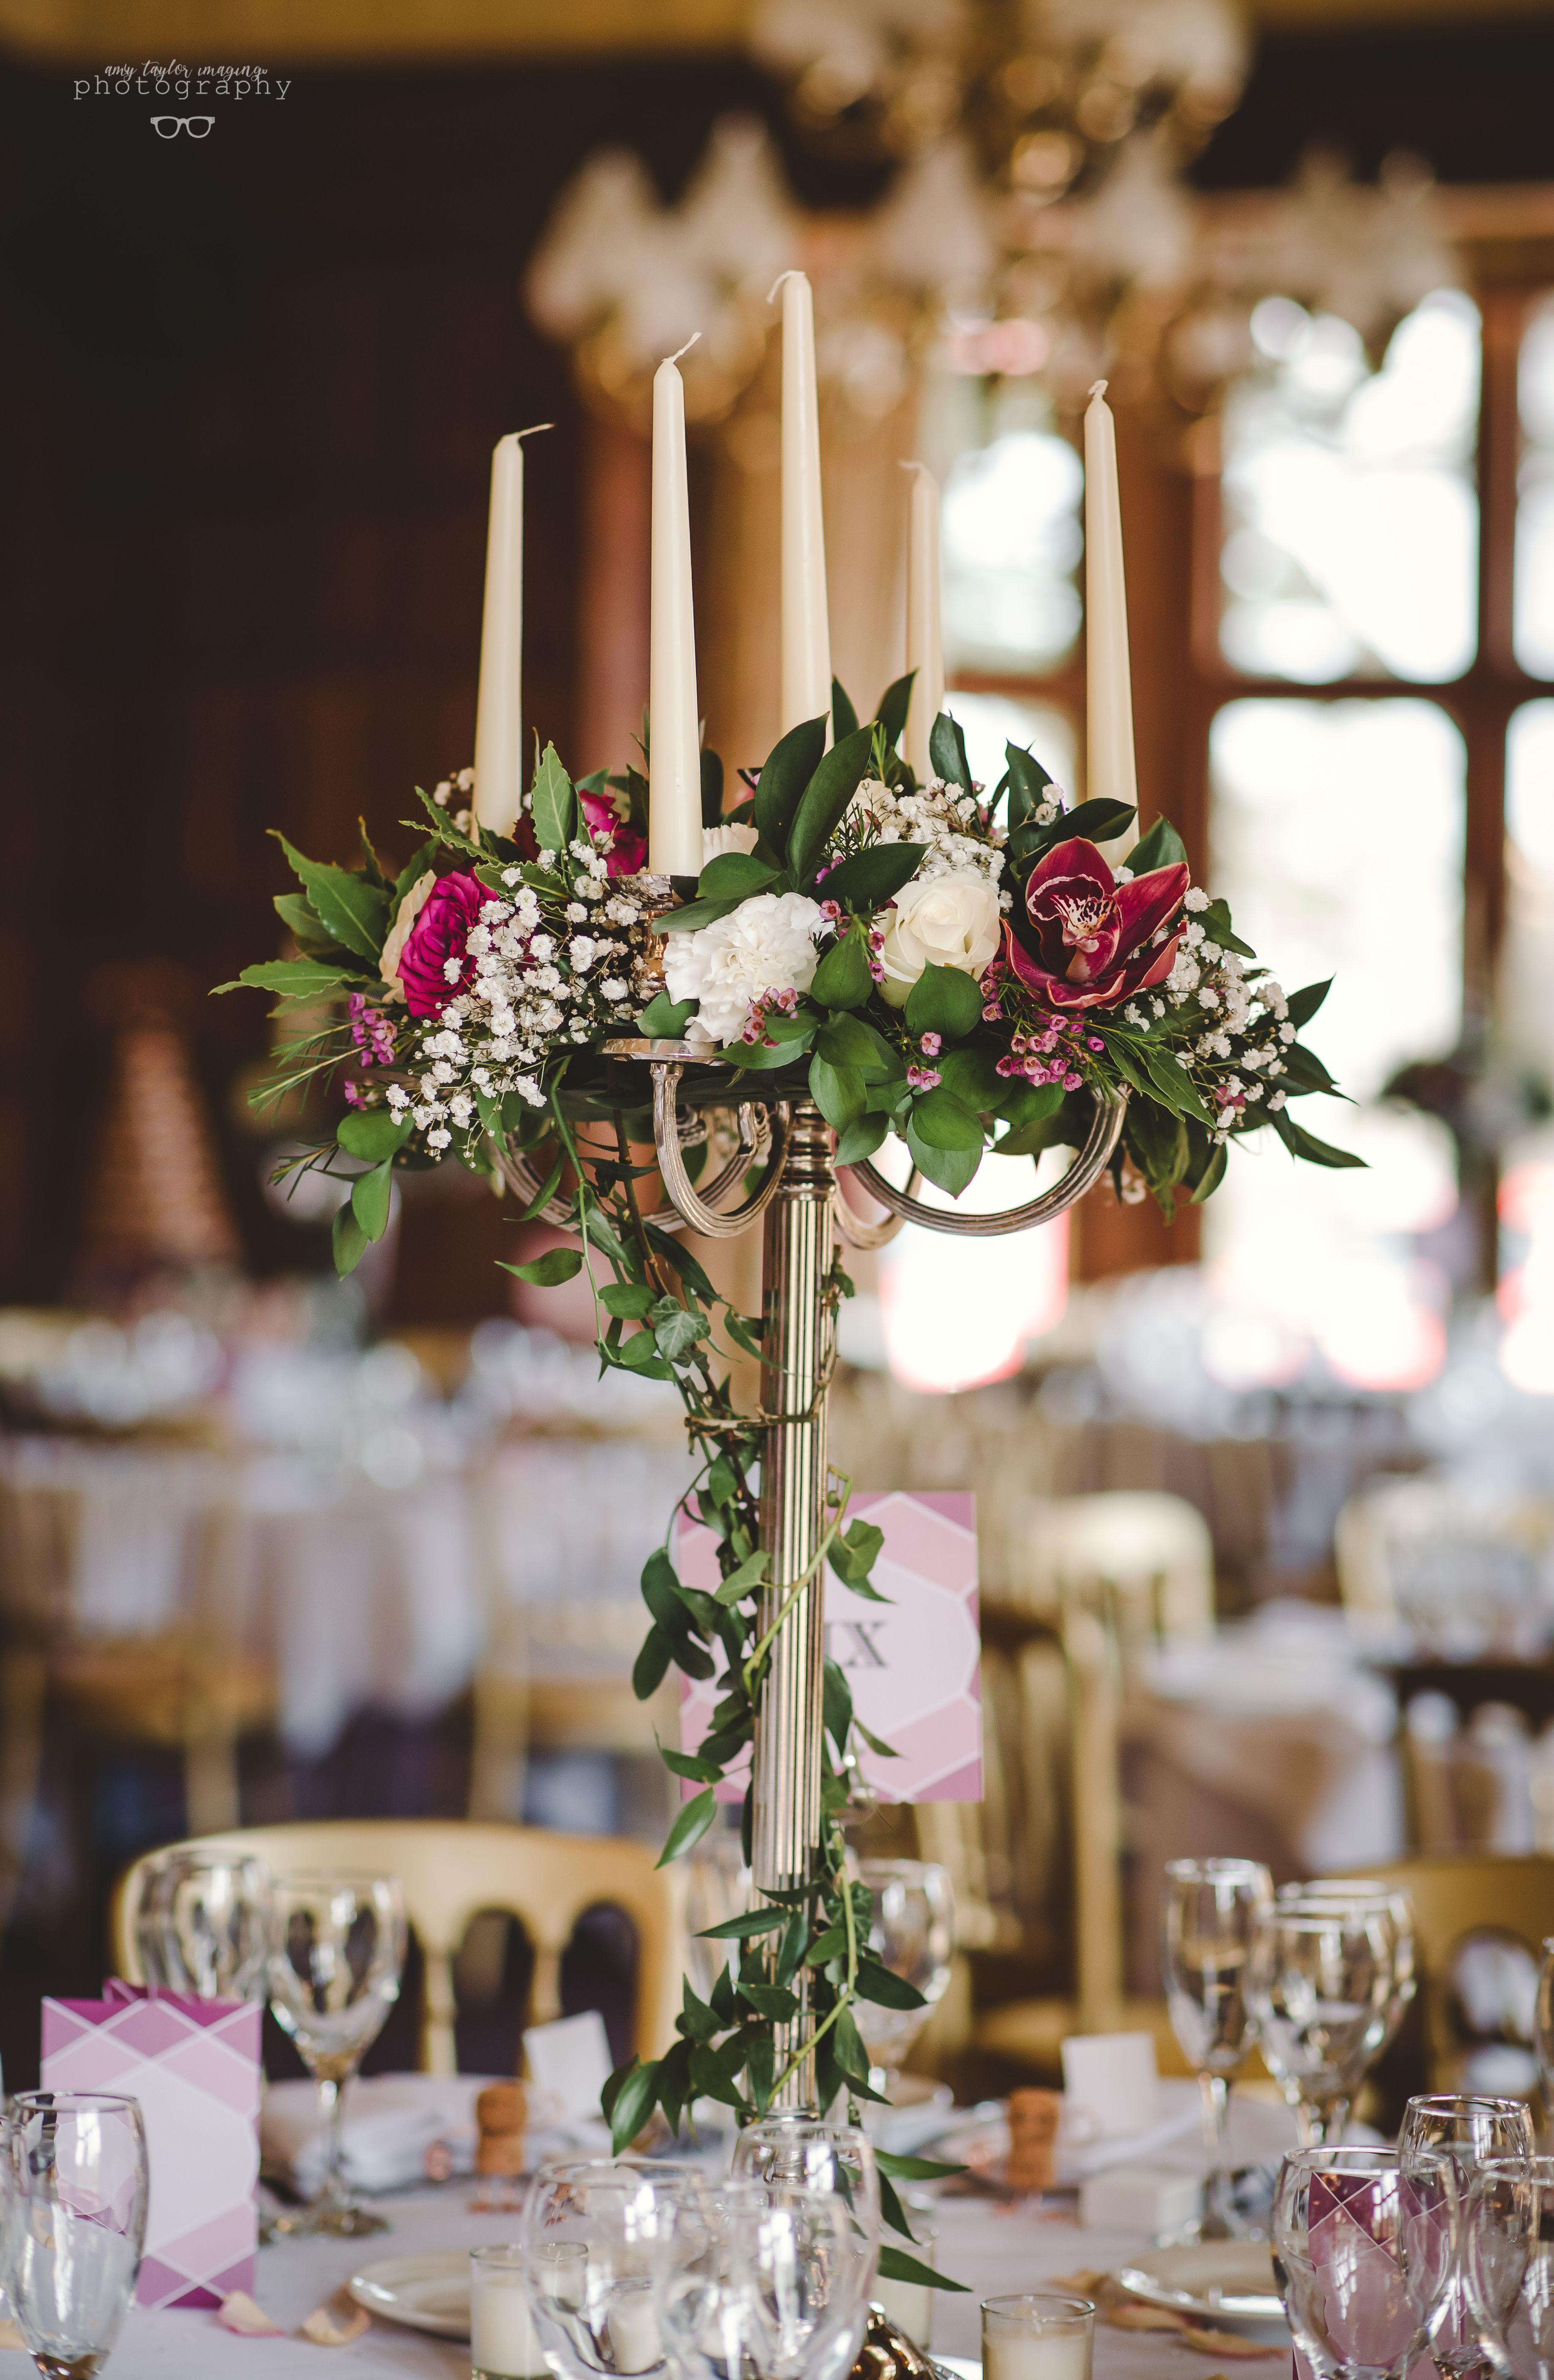 A Stunning Floral Candelabra Centrepiece Candelabra Wedding Candelabra Wedding Centerpieces Candleabra Wedding Centerpieces